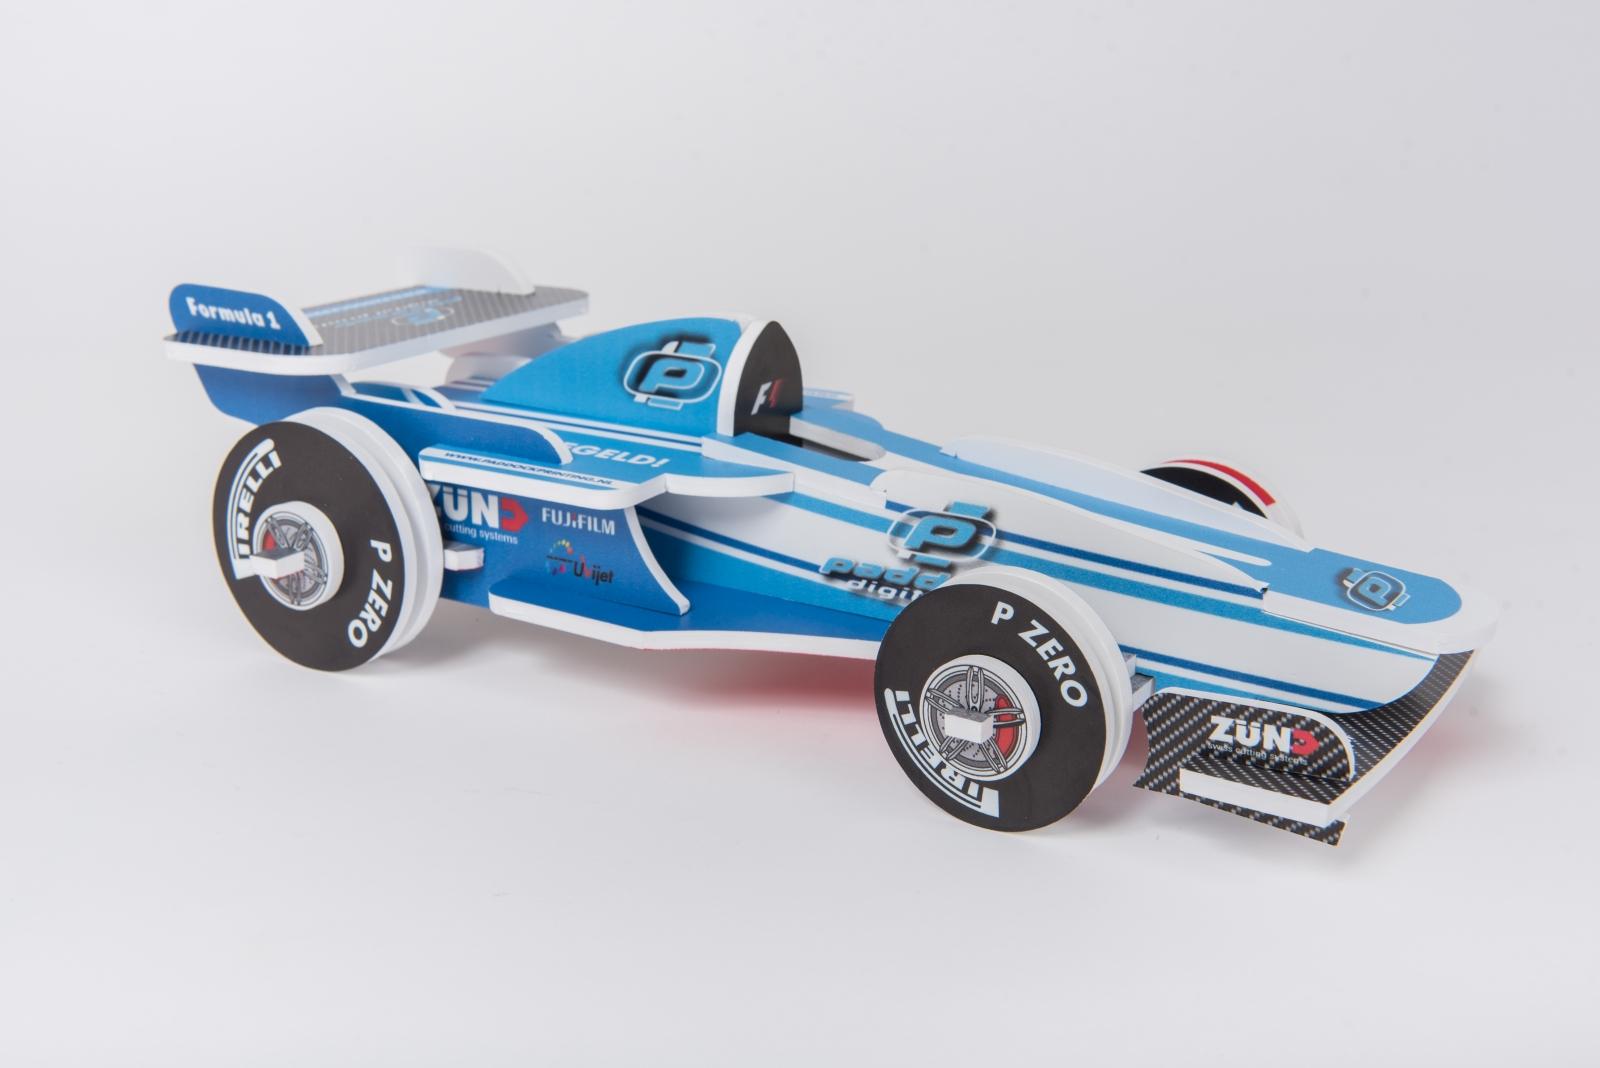 Foamalux_White_F1_racing_car.jpg